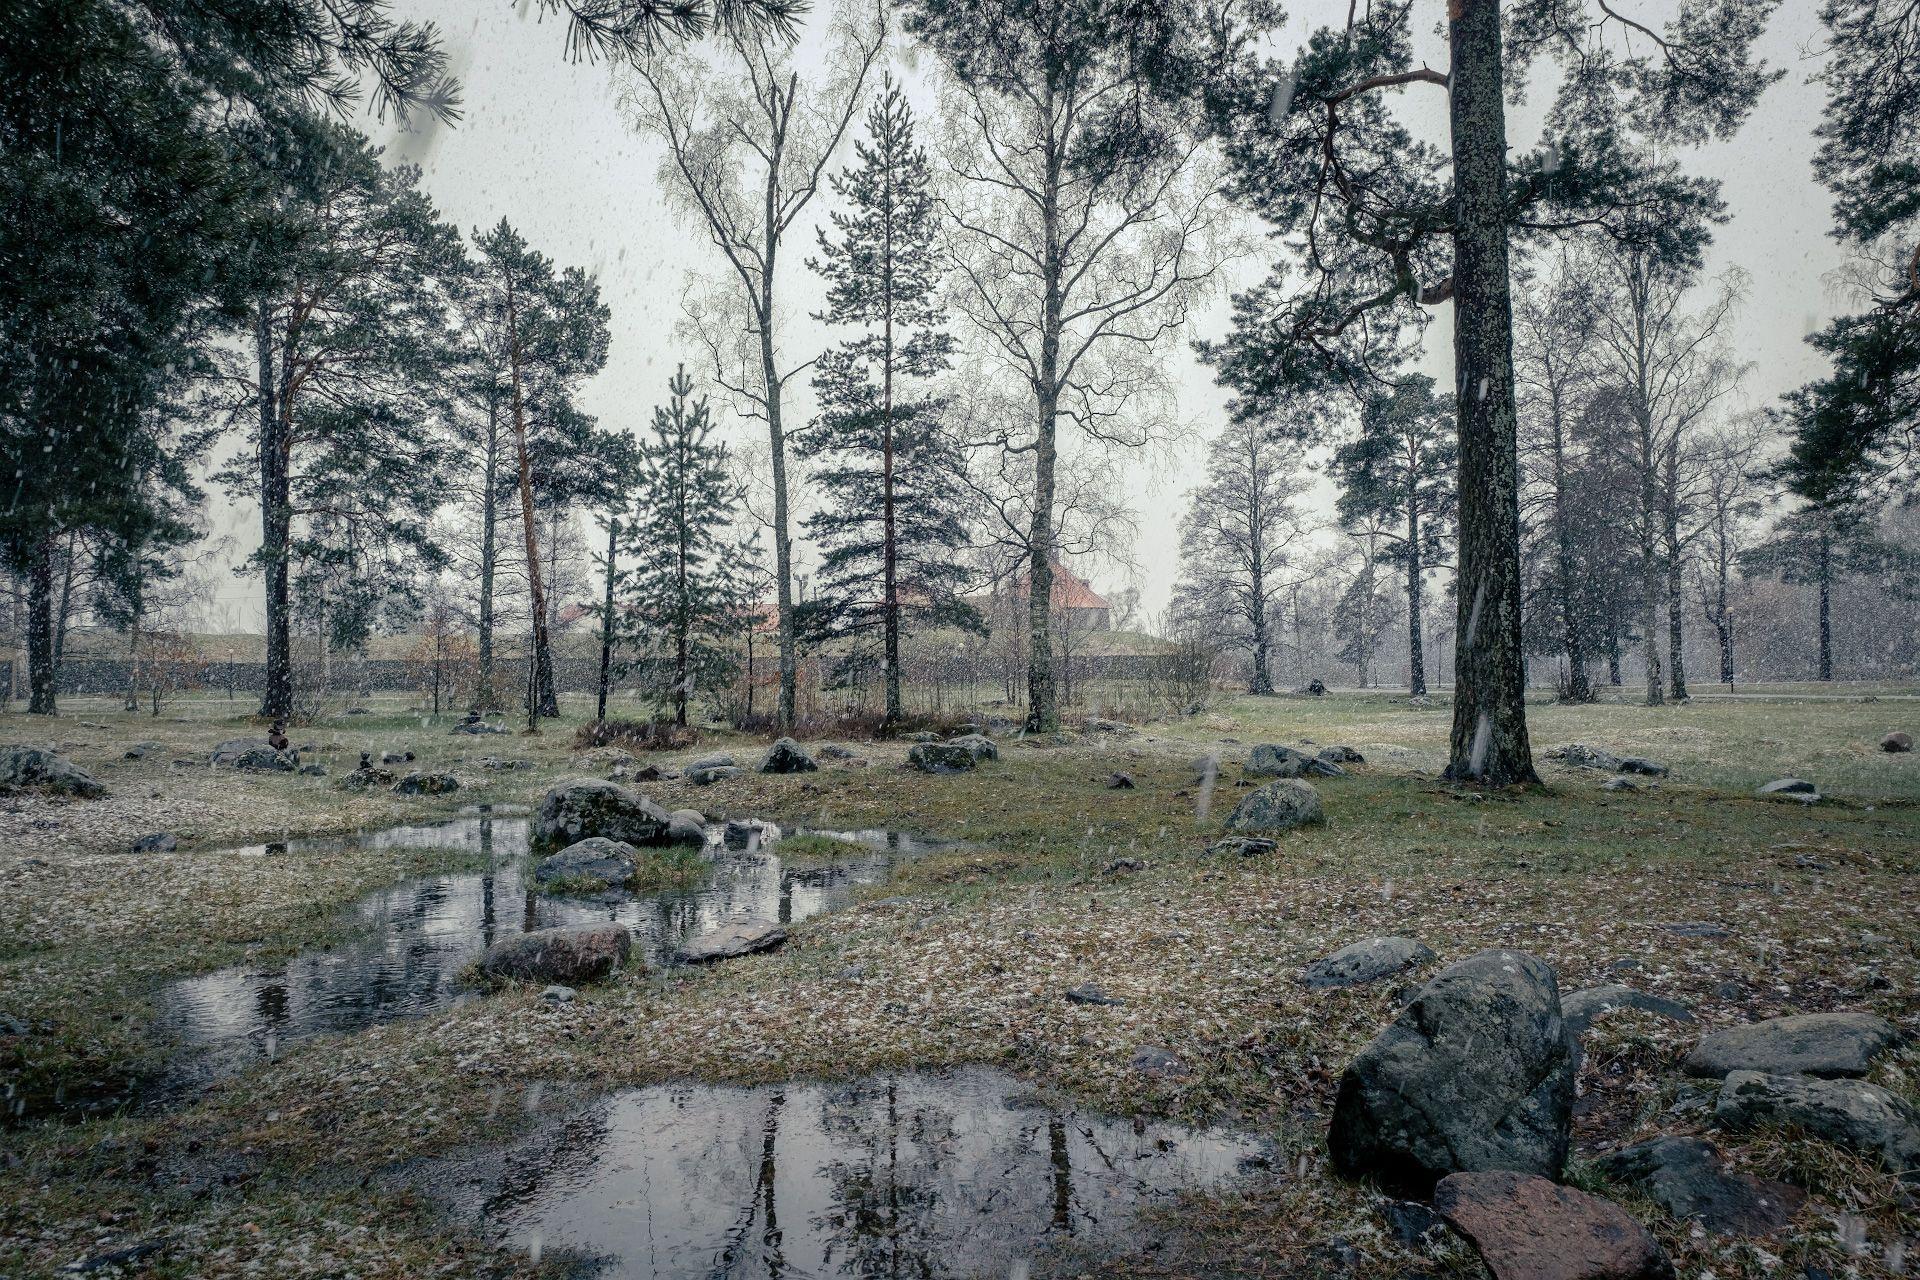 приозерск, корела, крепость, снег, деревья, лужа, камни, пейзаж, природа, Чиж Андрей